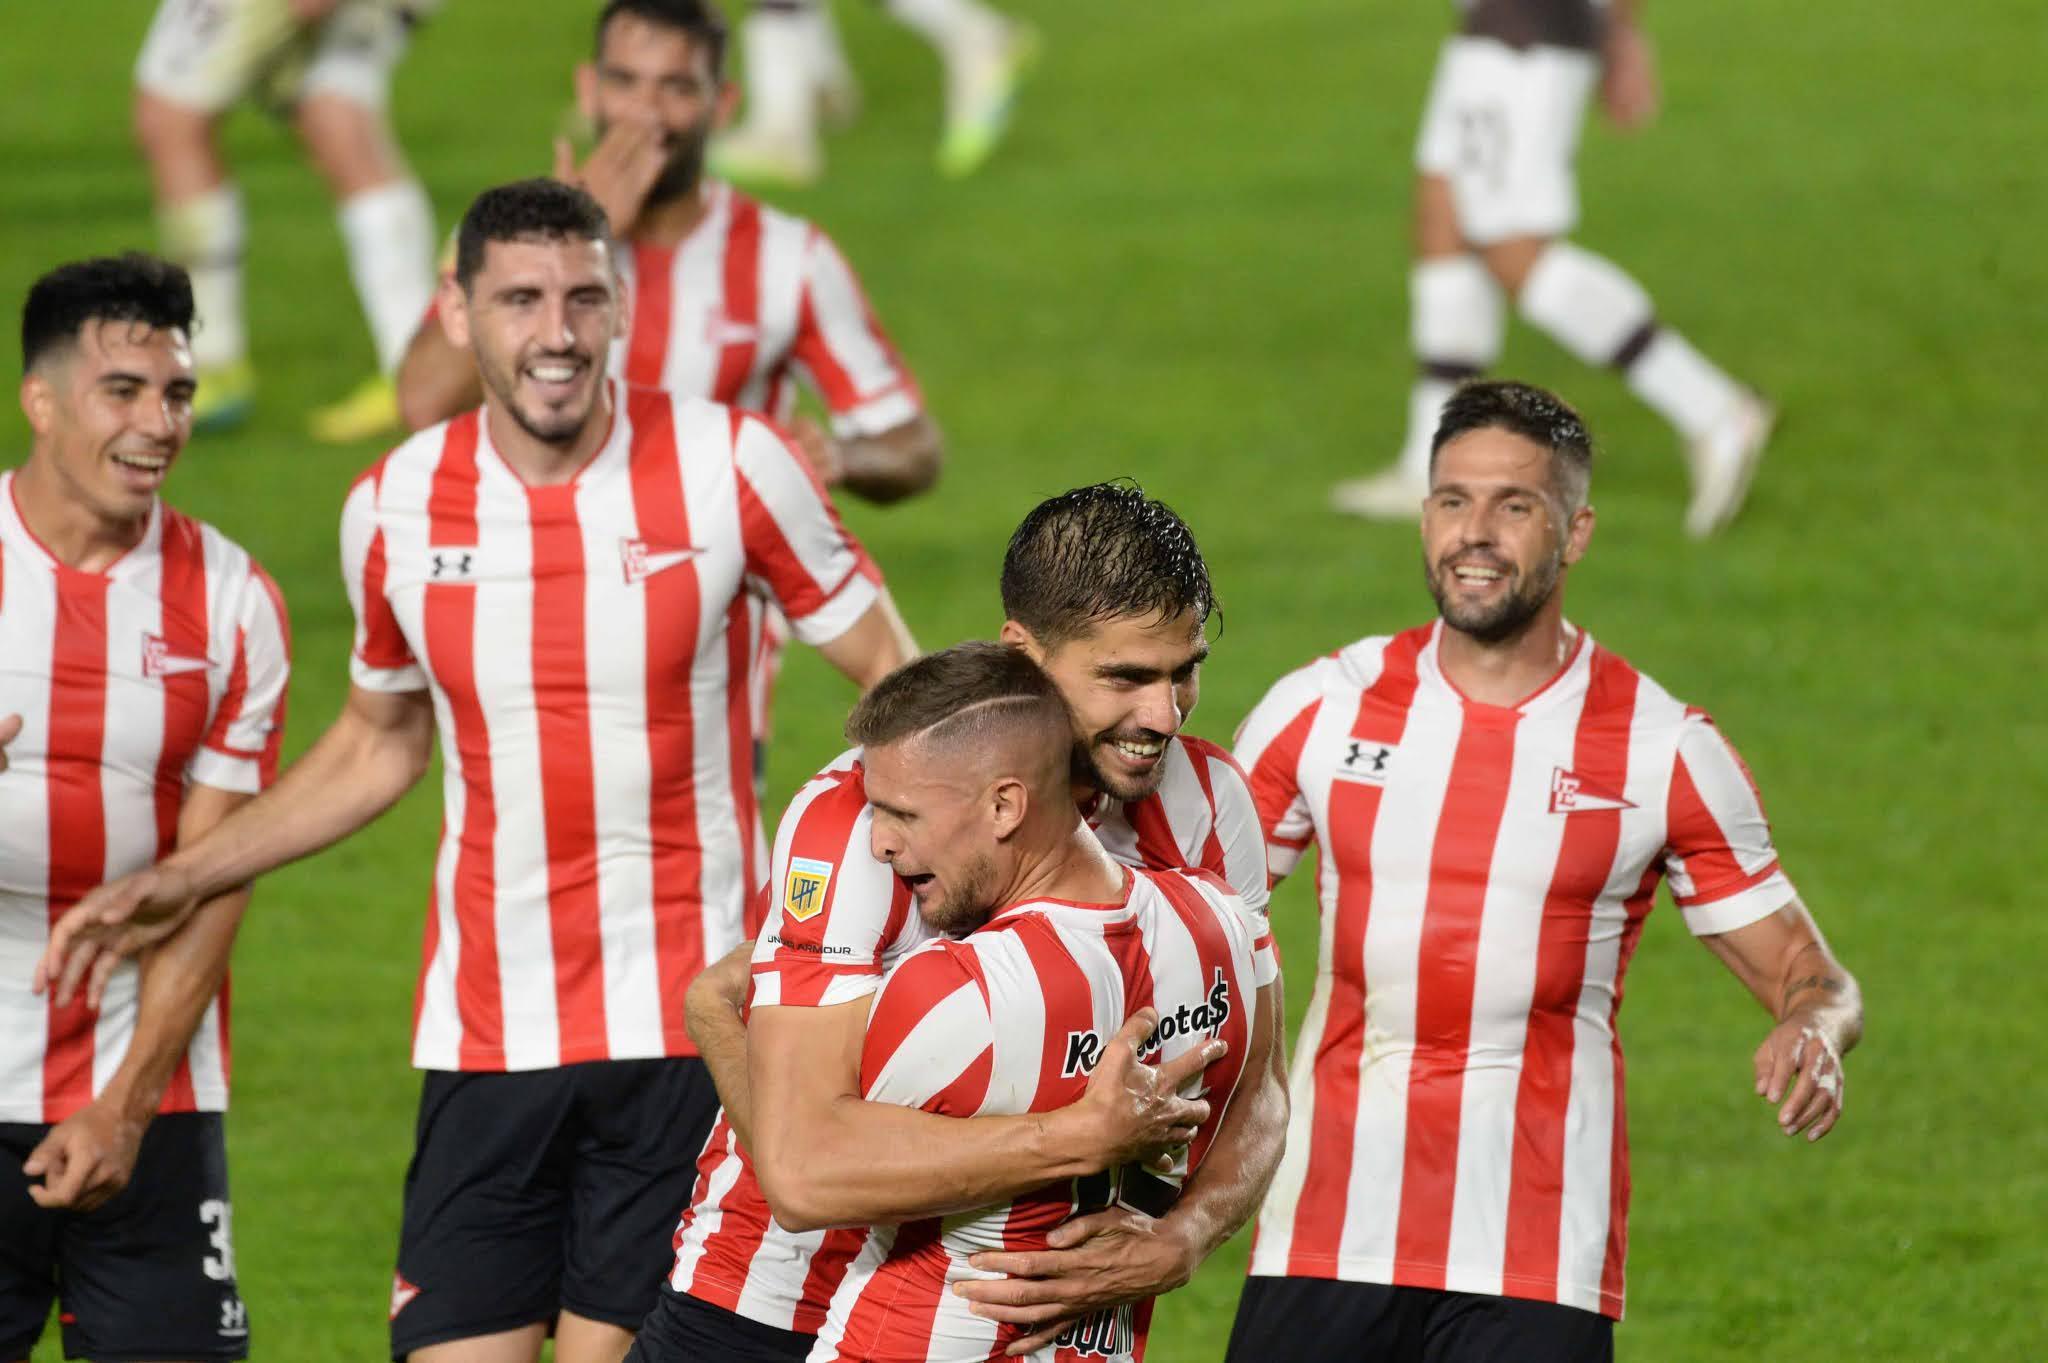 Estudiantes se aseguró la clasificación a cuartos de final tras vencer a Platense